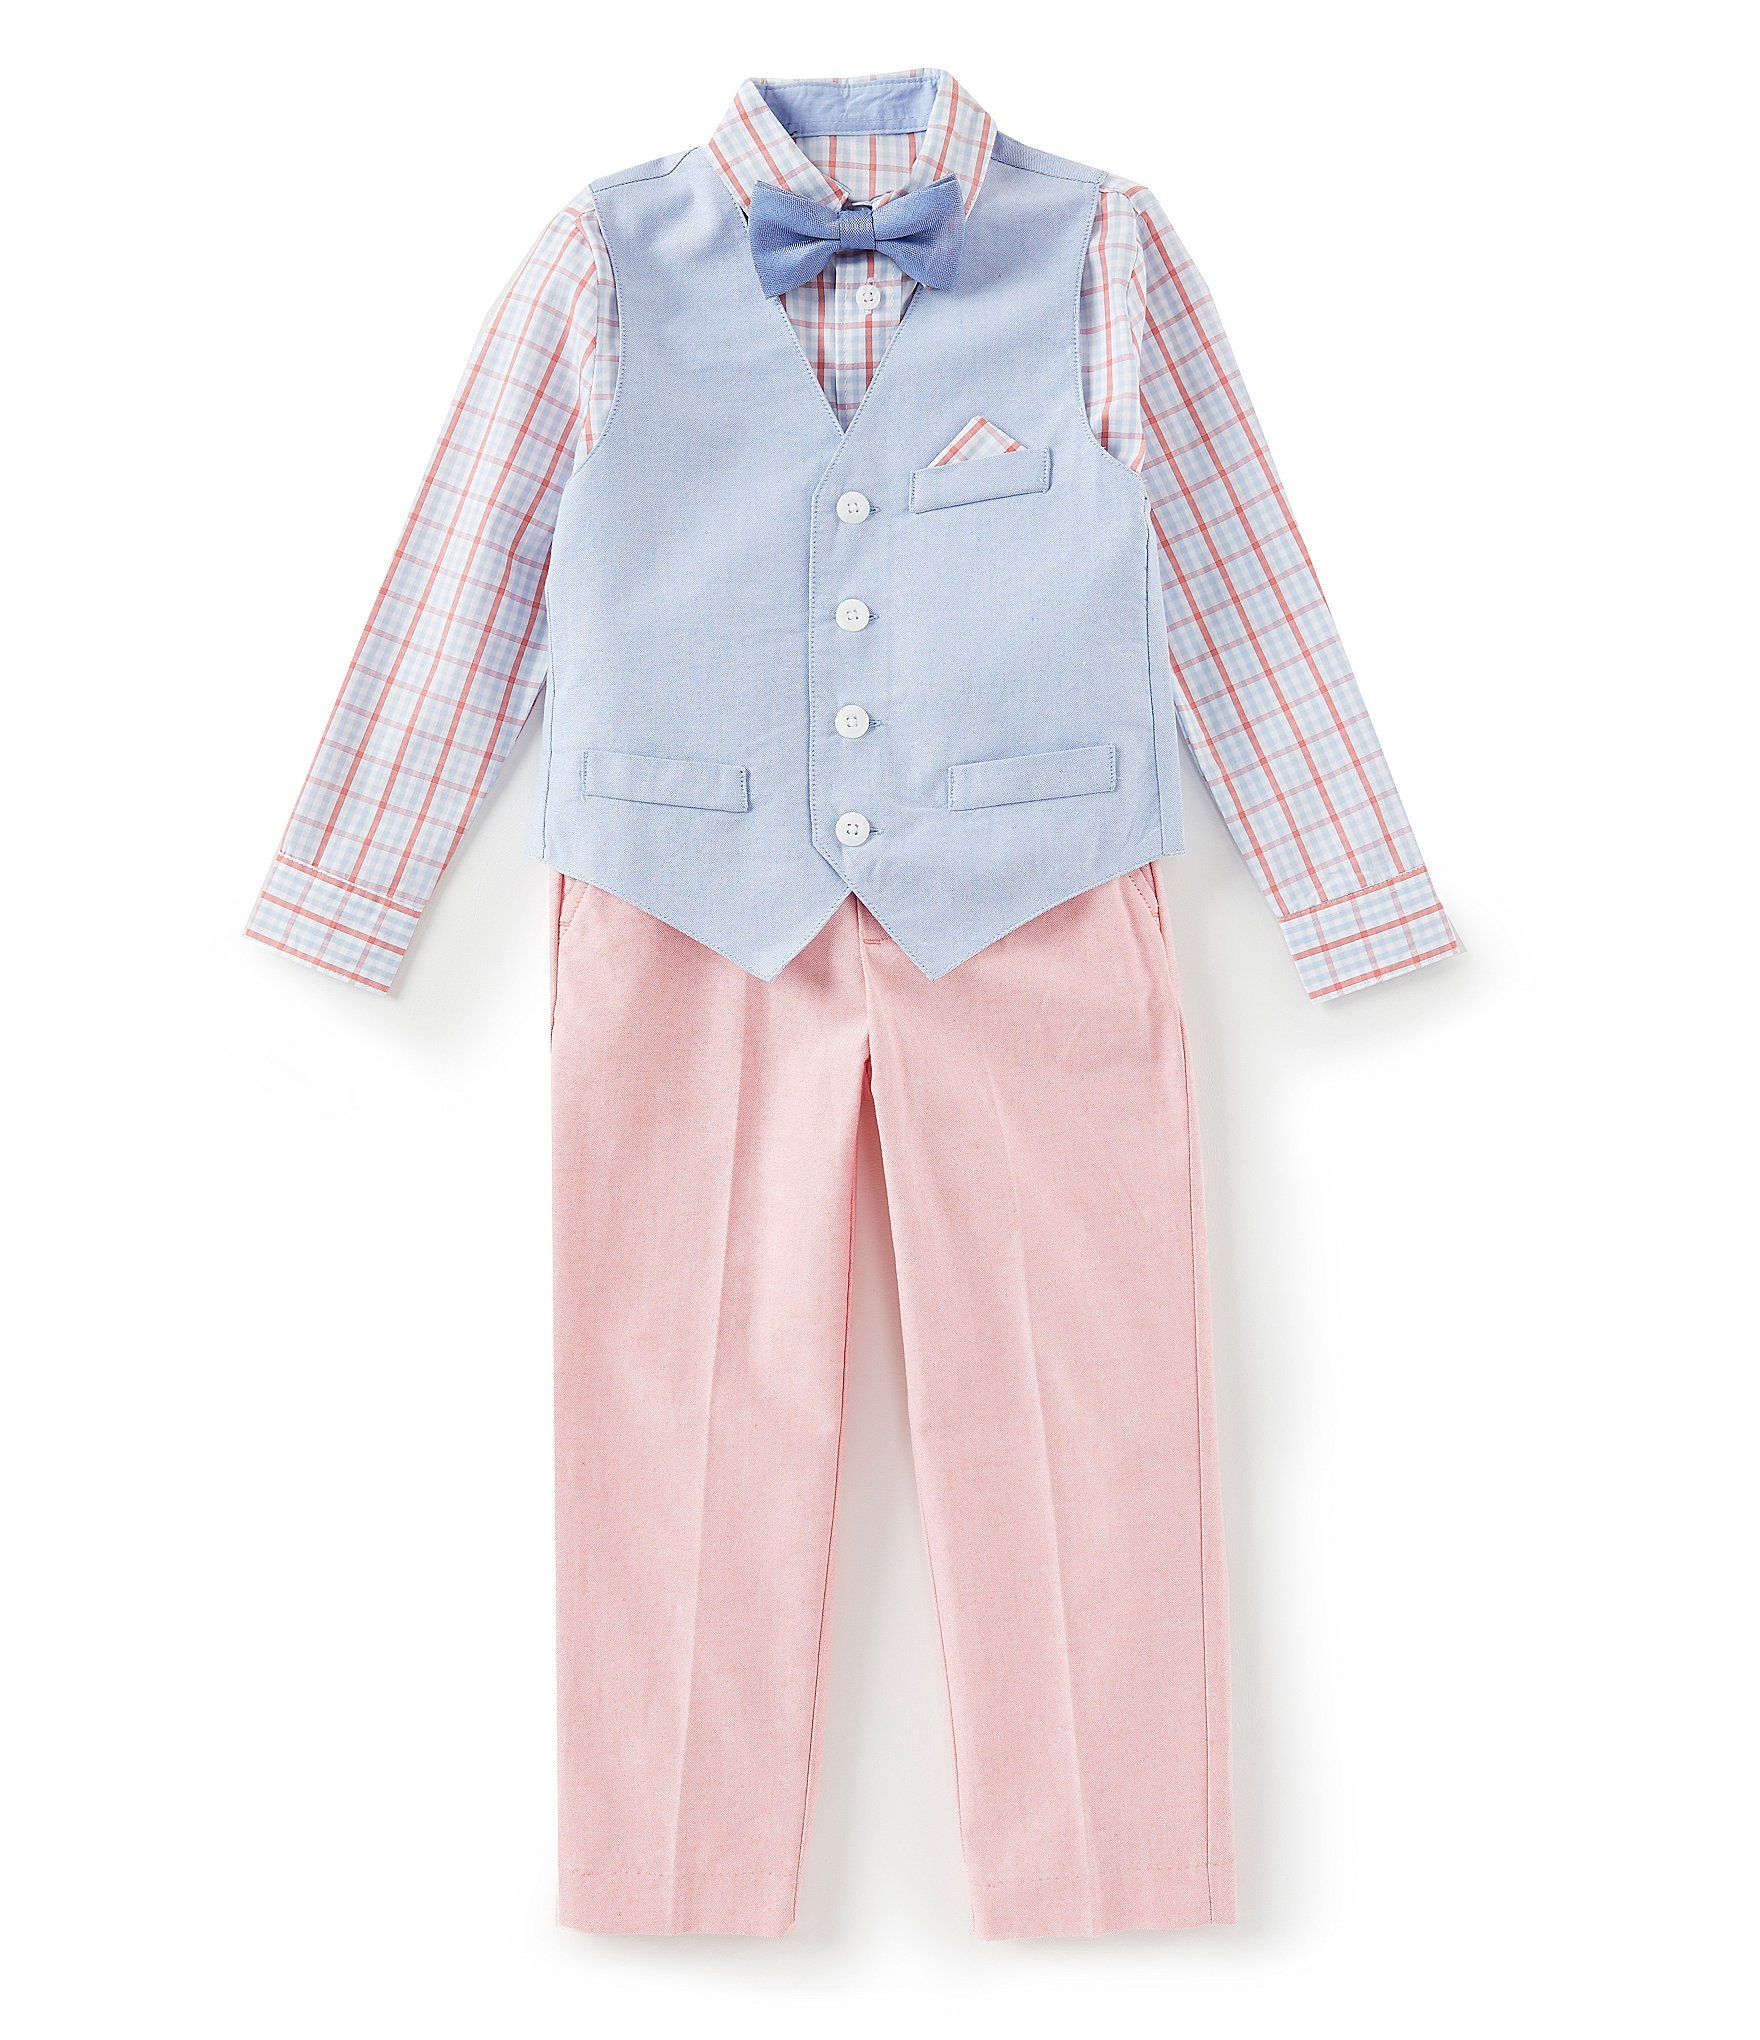 239a7a4cbc9 Shop for Class Club Little Boys 2T-7 Oxford Vest, Plaid Shirt, & Pants Set  at Dillards.com. Visit Dillards.com to find clothing, accessories, shoes,  ...